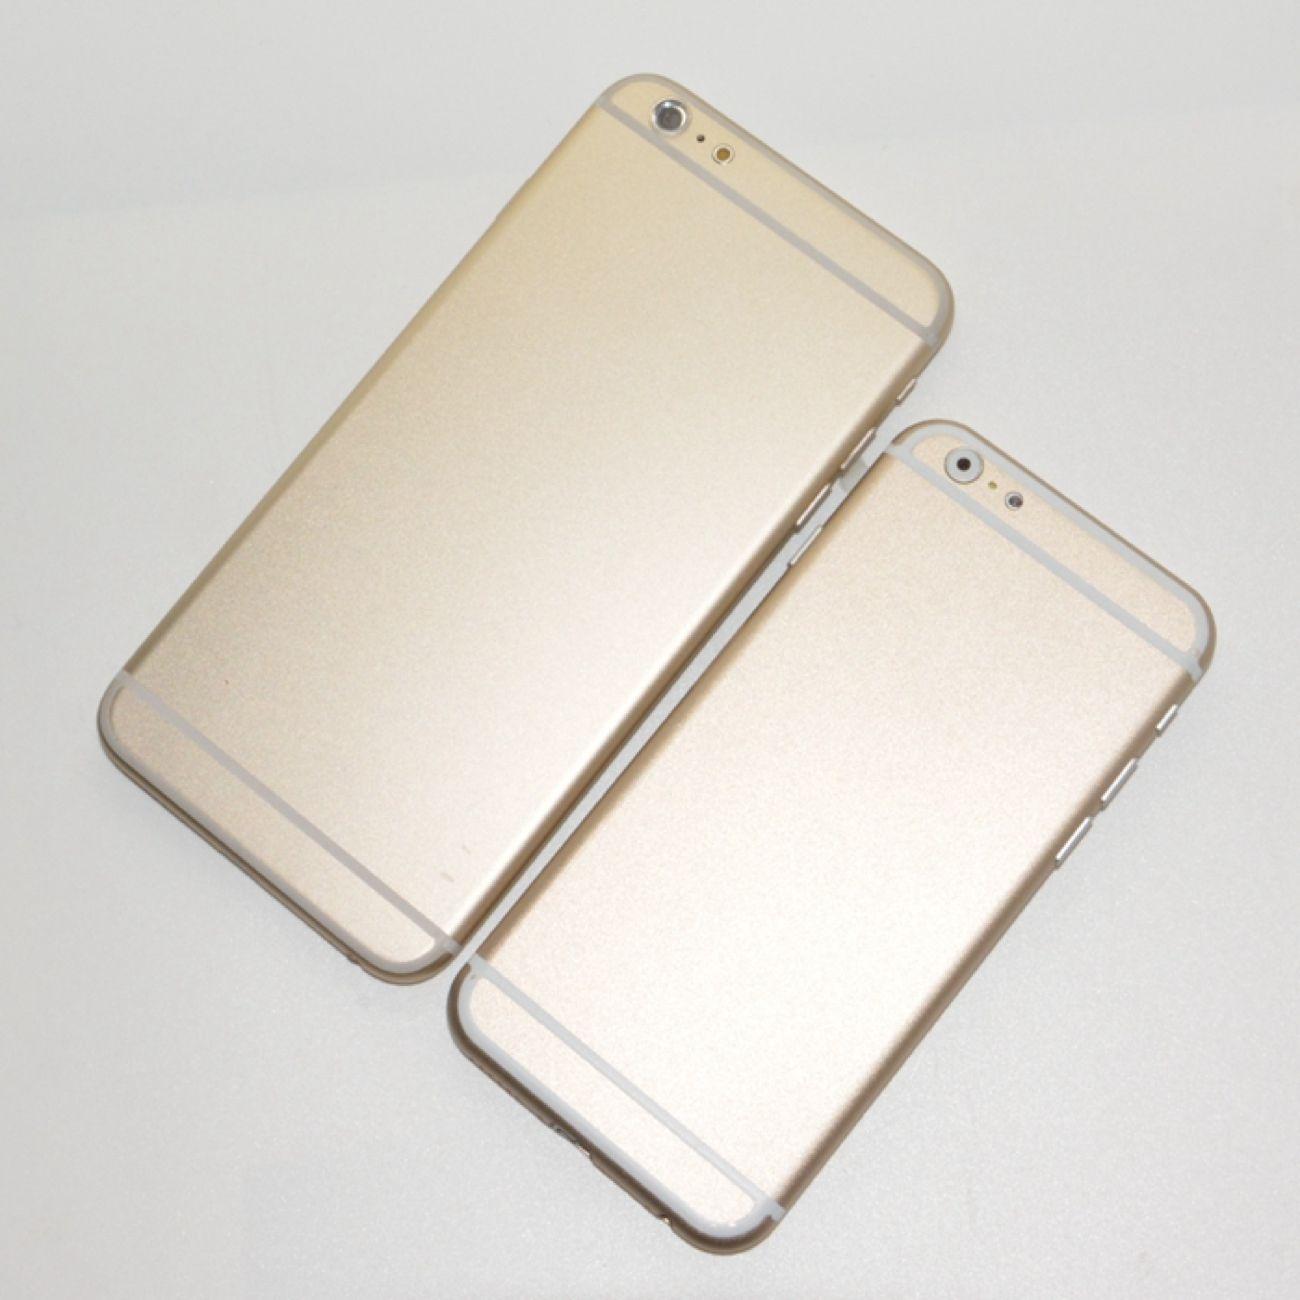 De to nye iPhone 6-modellene ved siden av hverandre. De tykke, hvite båndene er ganske tydelige.